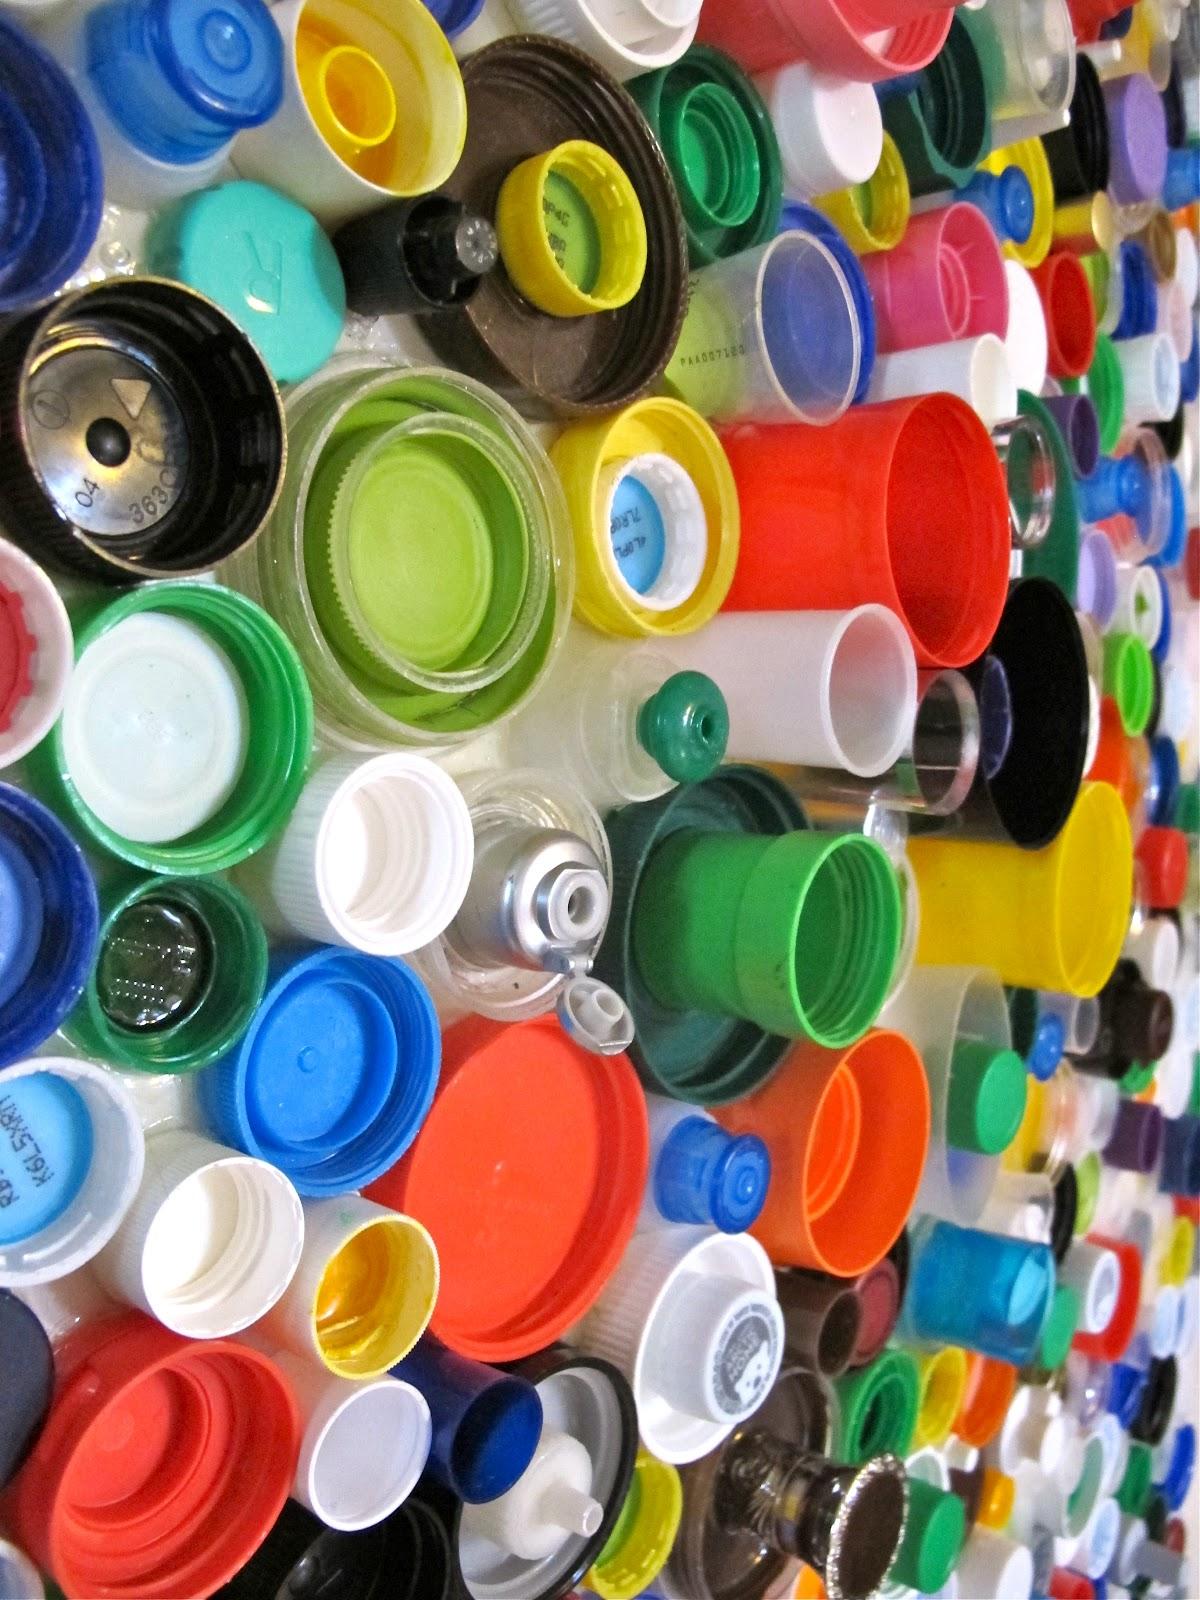 Blukatkraft 5 Awesome Examples Of Upcycling